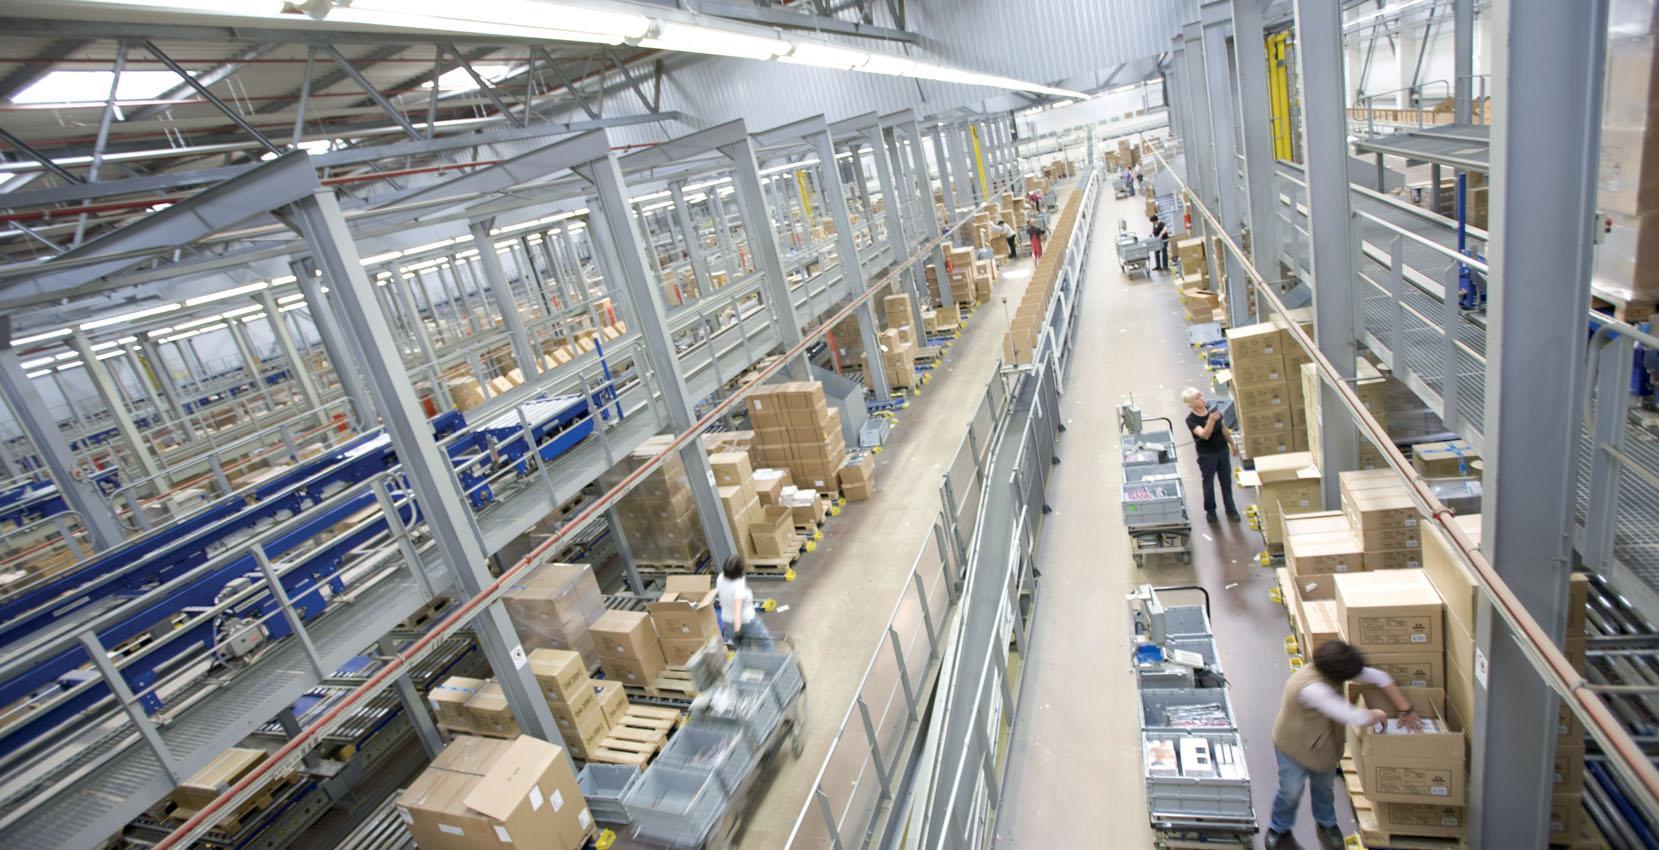 Lieferketten in Gang halten und gleichzeitig Schutz und Sicherheit der Mitarbeiter im Blick behalten – mit Beginn der Pandemie wurde die Transport- und Logistikbranche vor große Herausforderungen gestellt. Foto: BLV